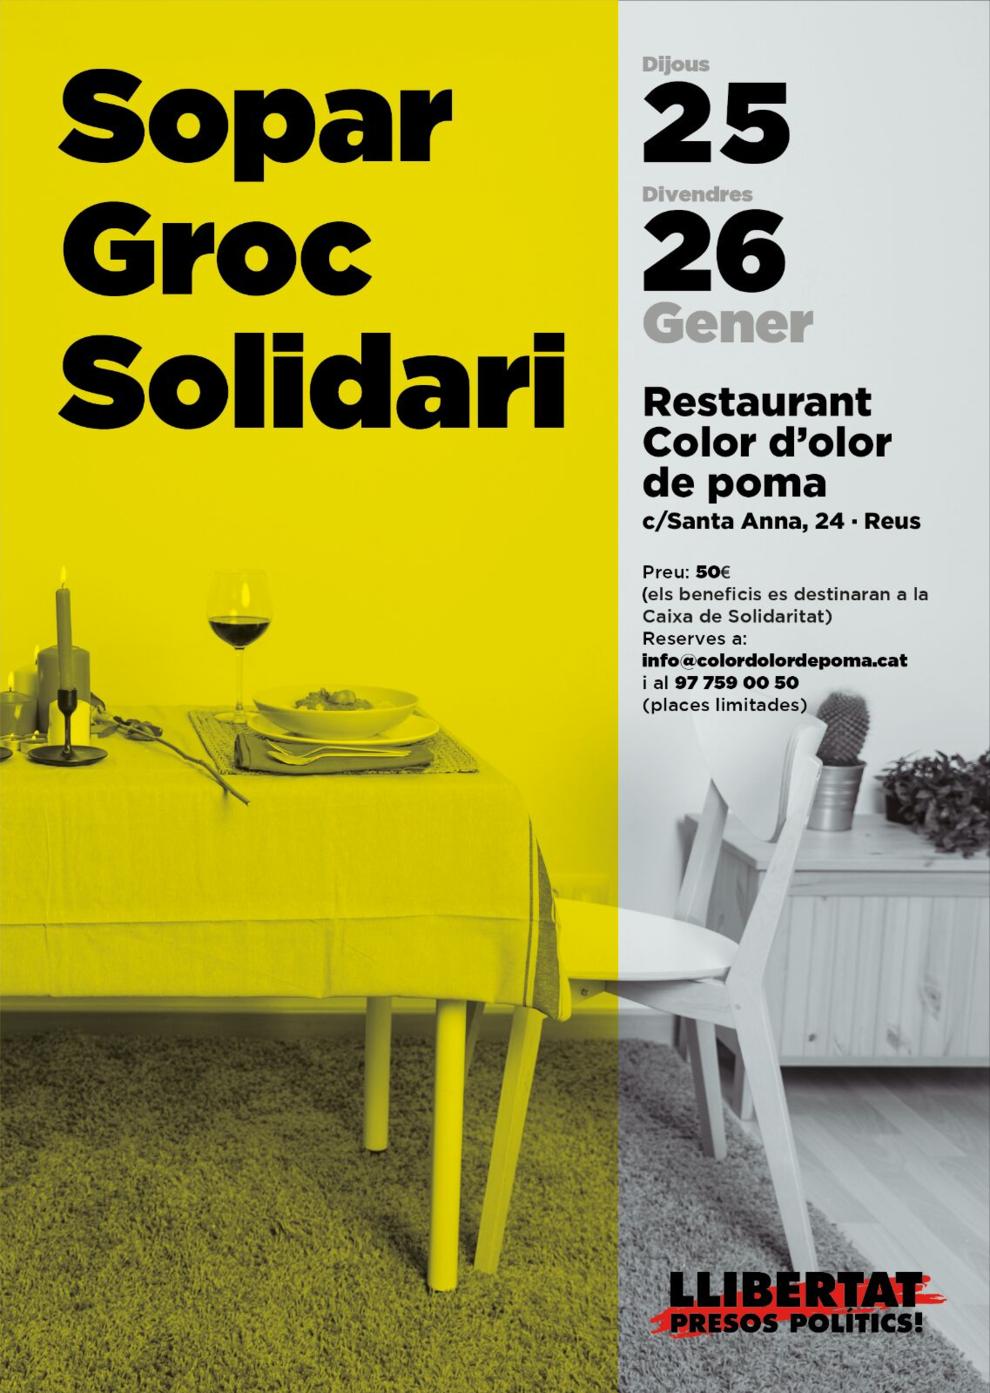 Reus acogerá una cena amarilla en solidaridad con los políticos ...